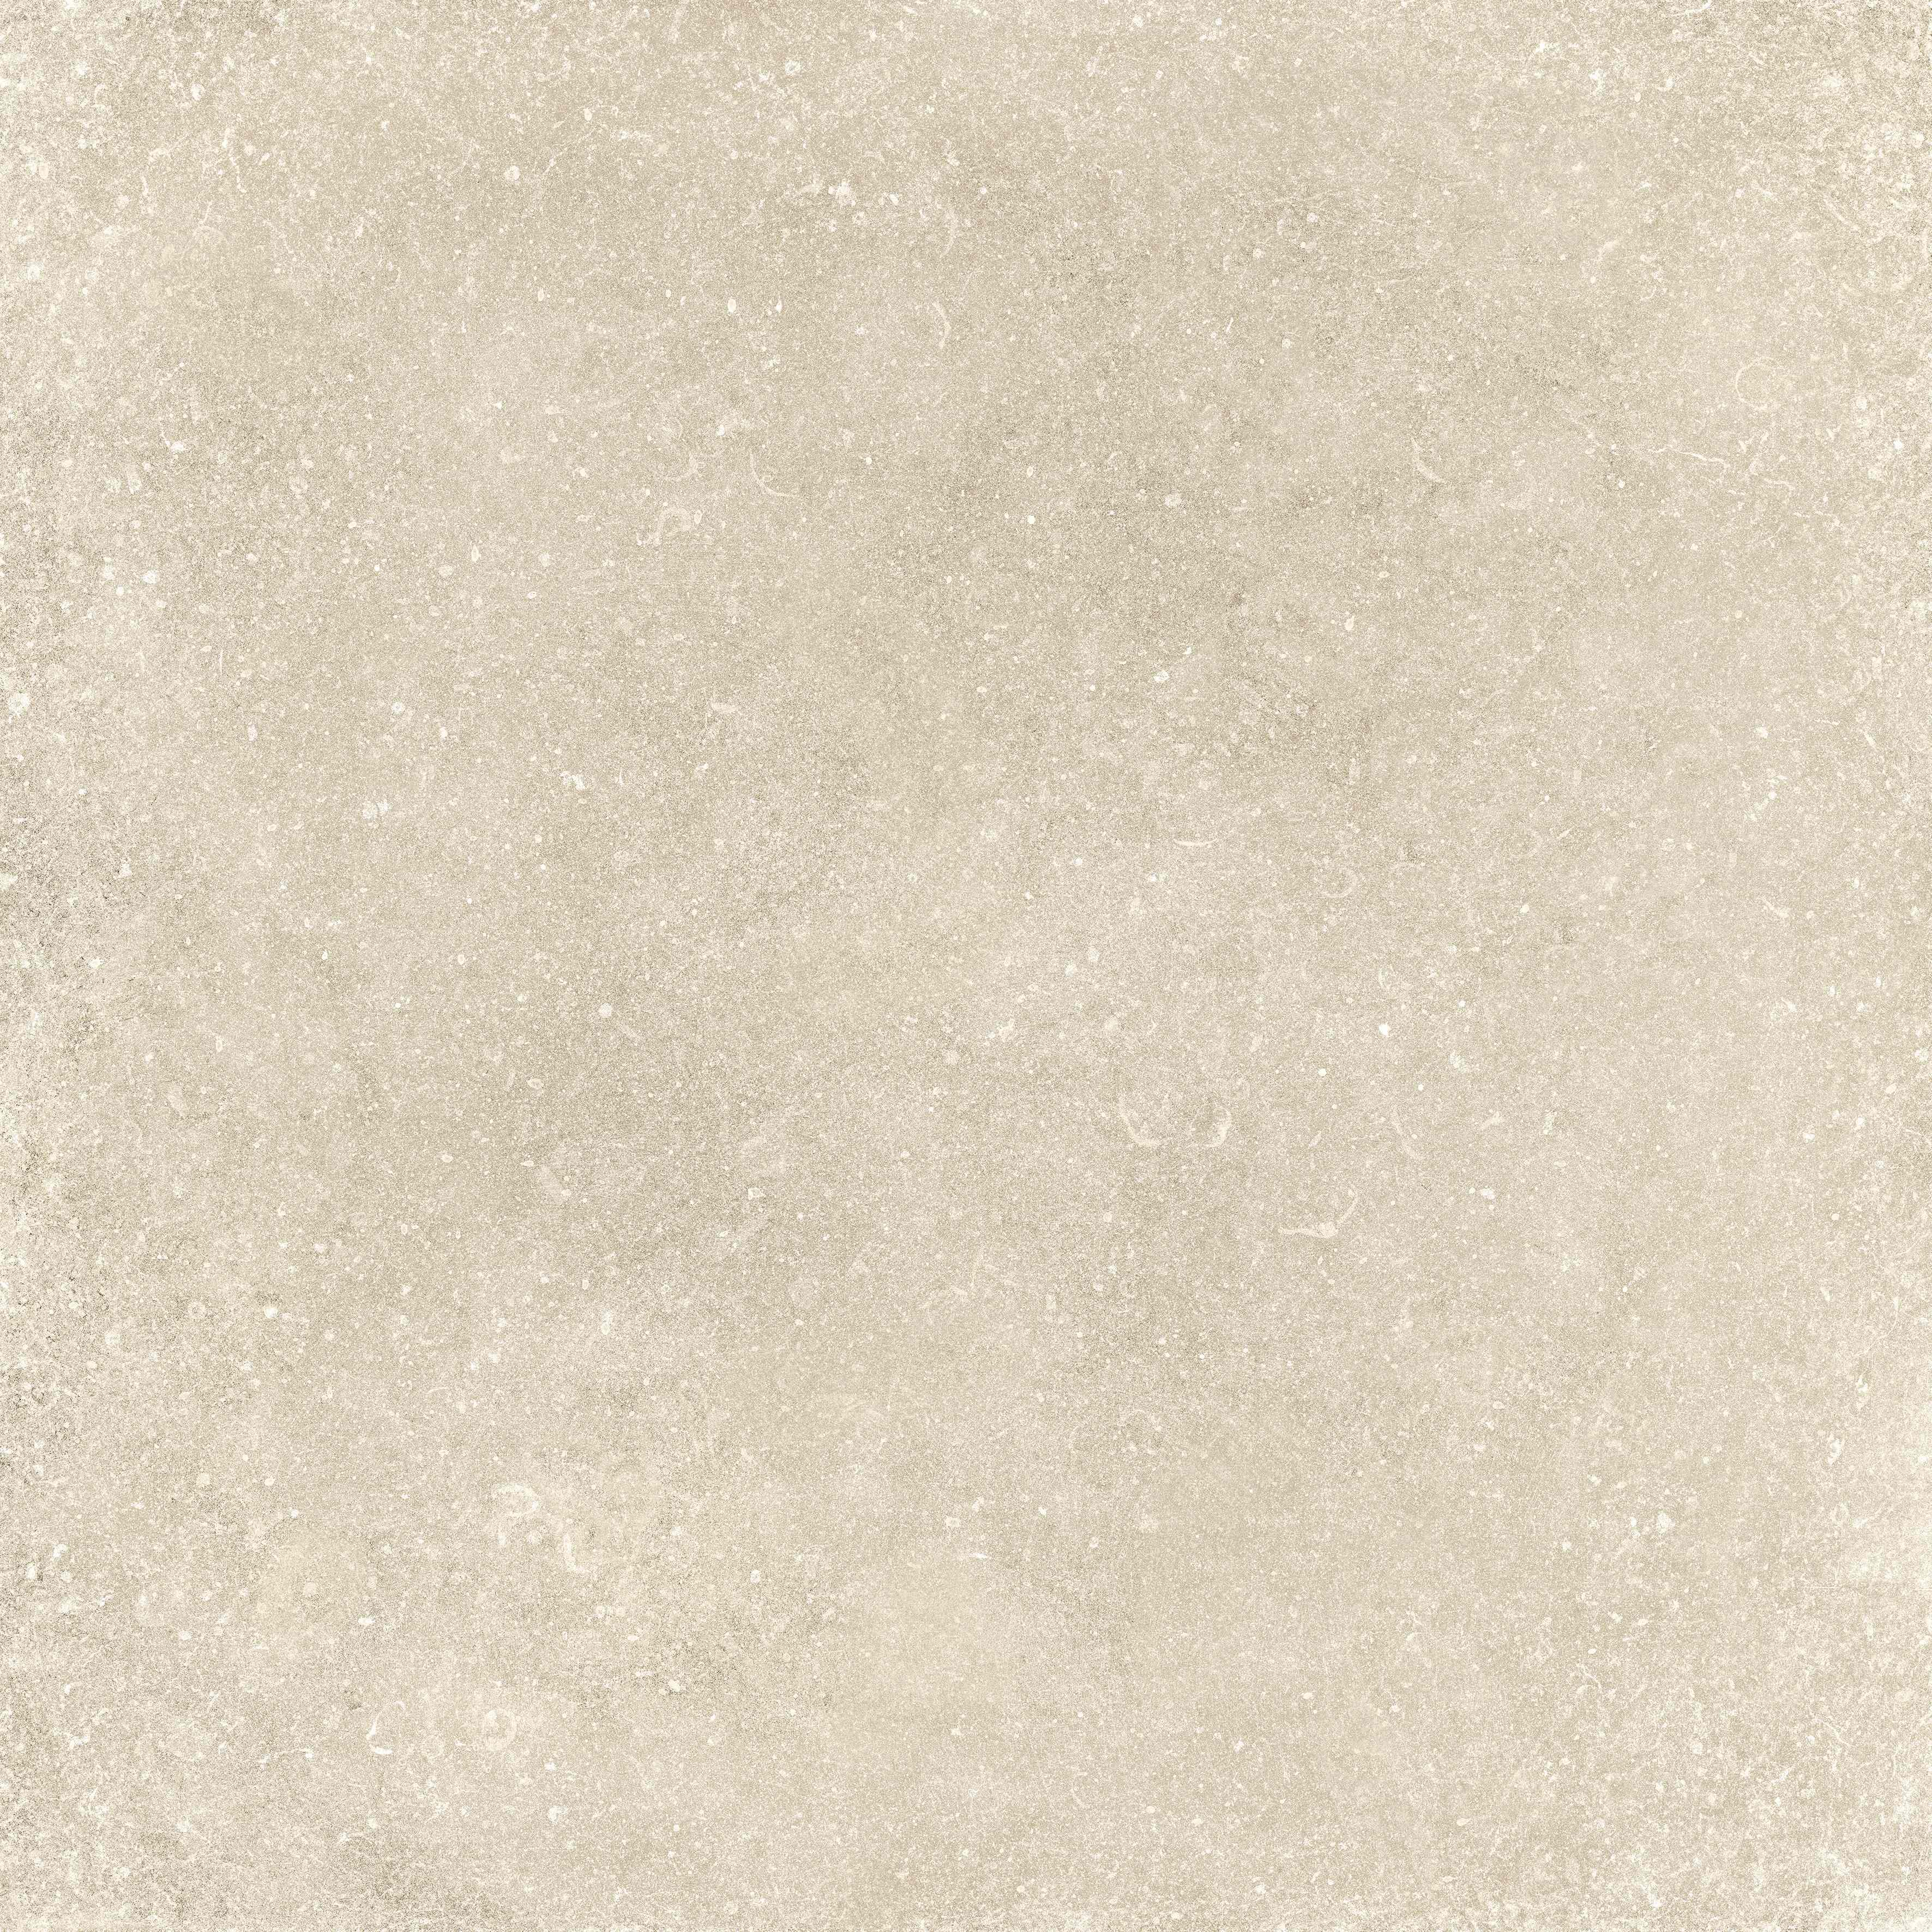 Плитка BEIGE (ZRXPZ3R) изображение 5